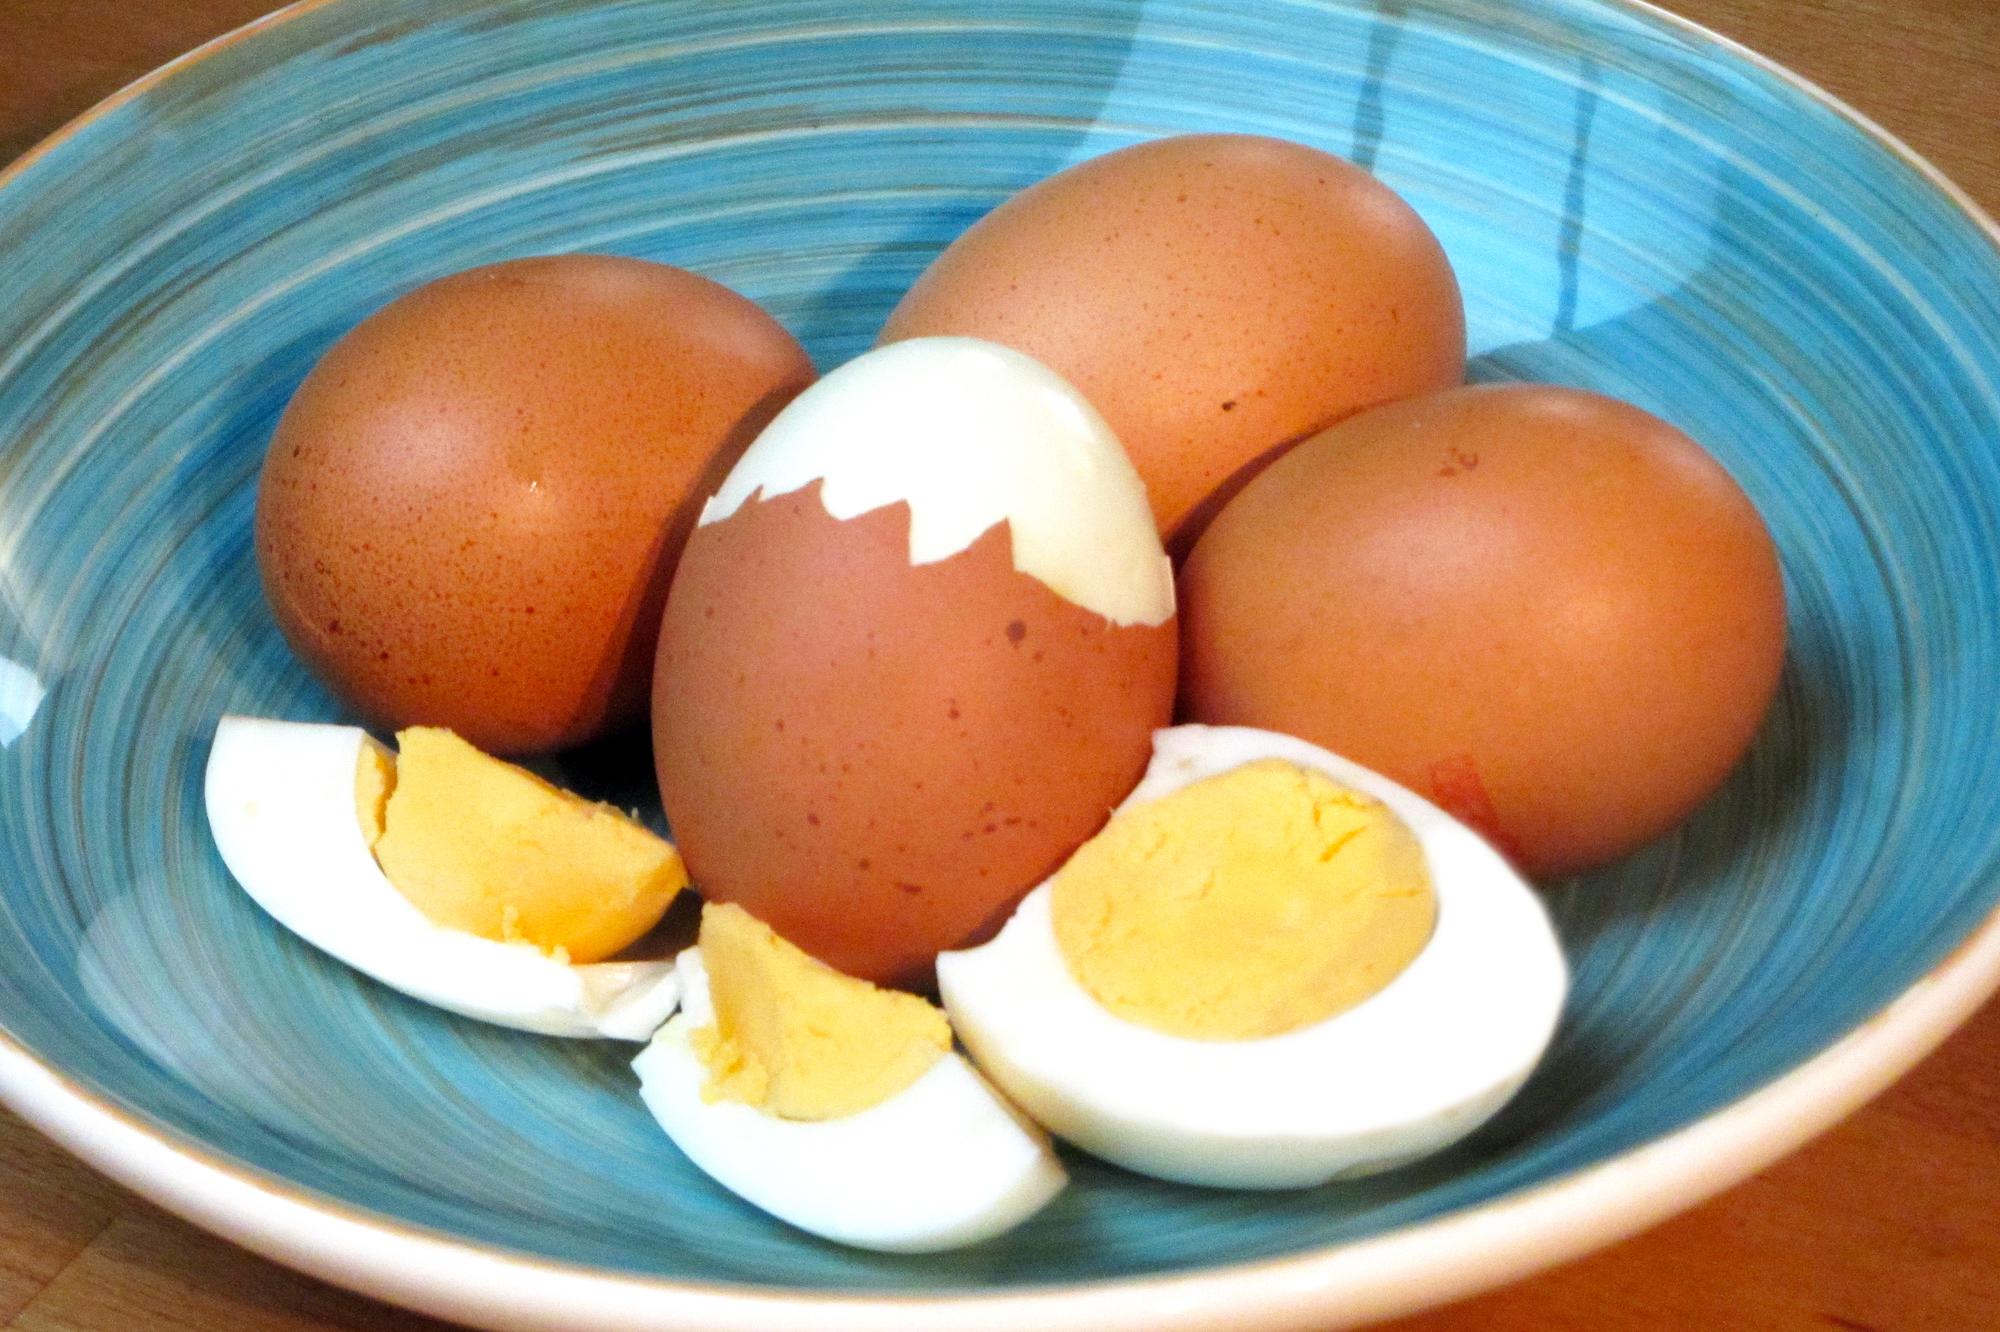 Hardgekookte eieren